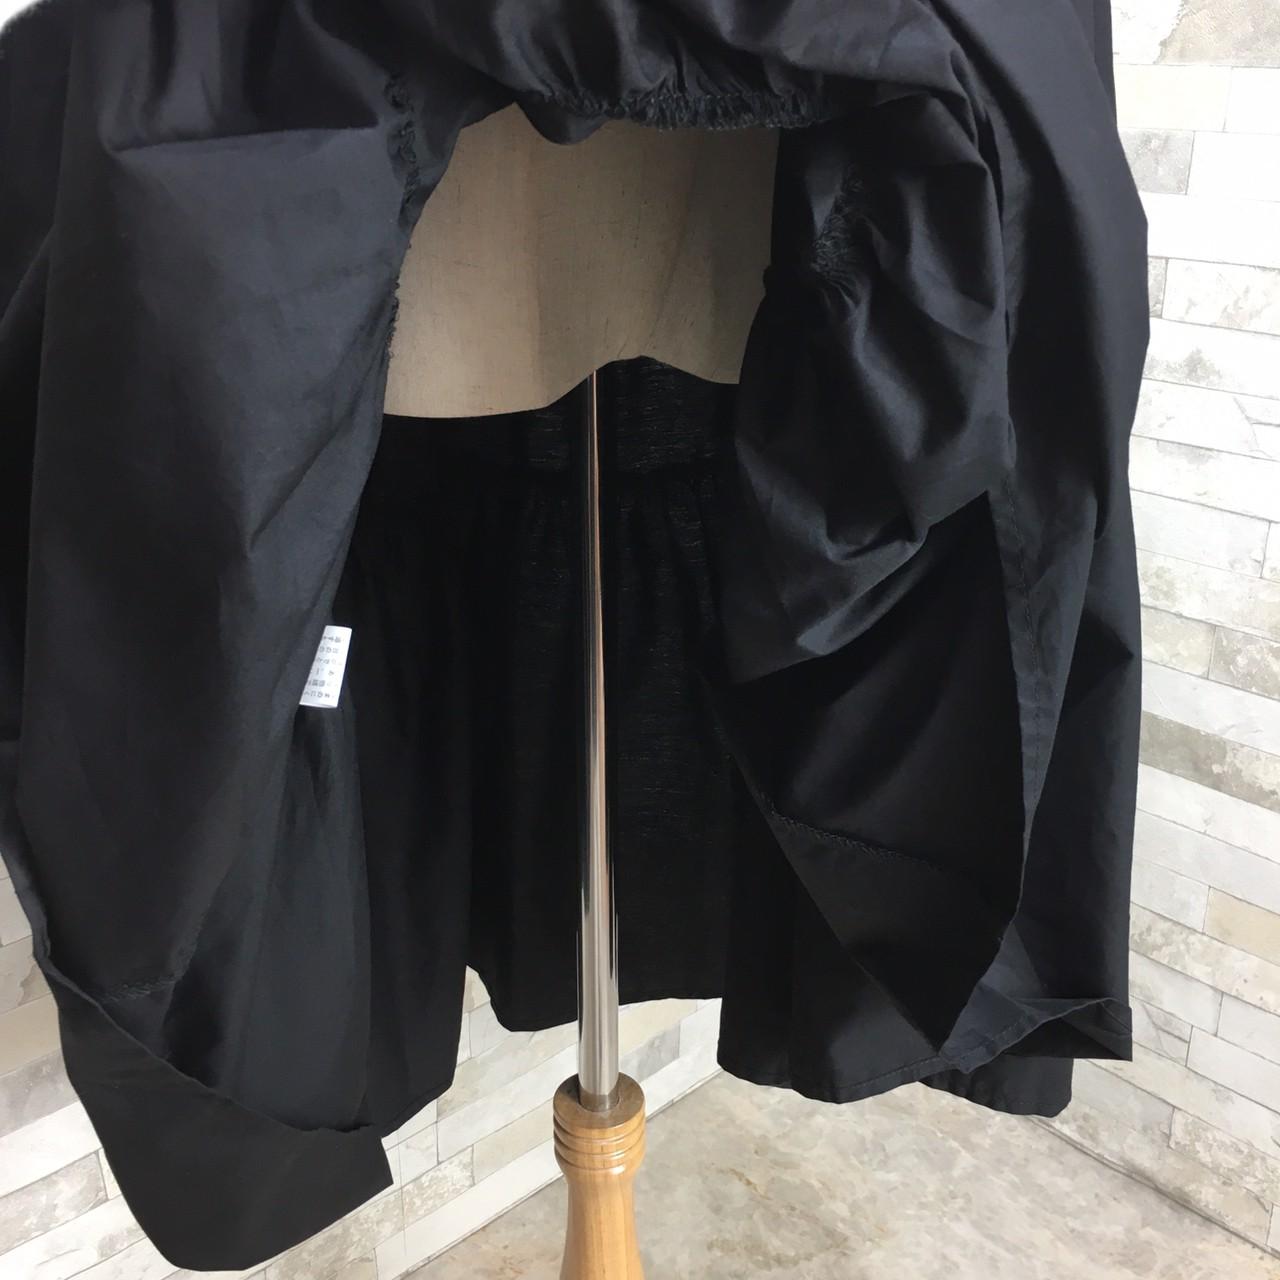 【即納】韓国 ファッション ワンピース 春 夏 秋 カジュアル SPTXI149  ティアード ドレープ ギャザー ゆったり オルチャン シンプル 定番 セレカジの写真20枚目